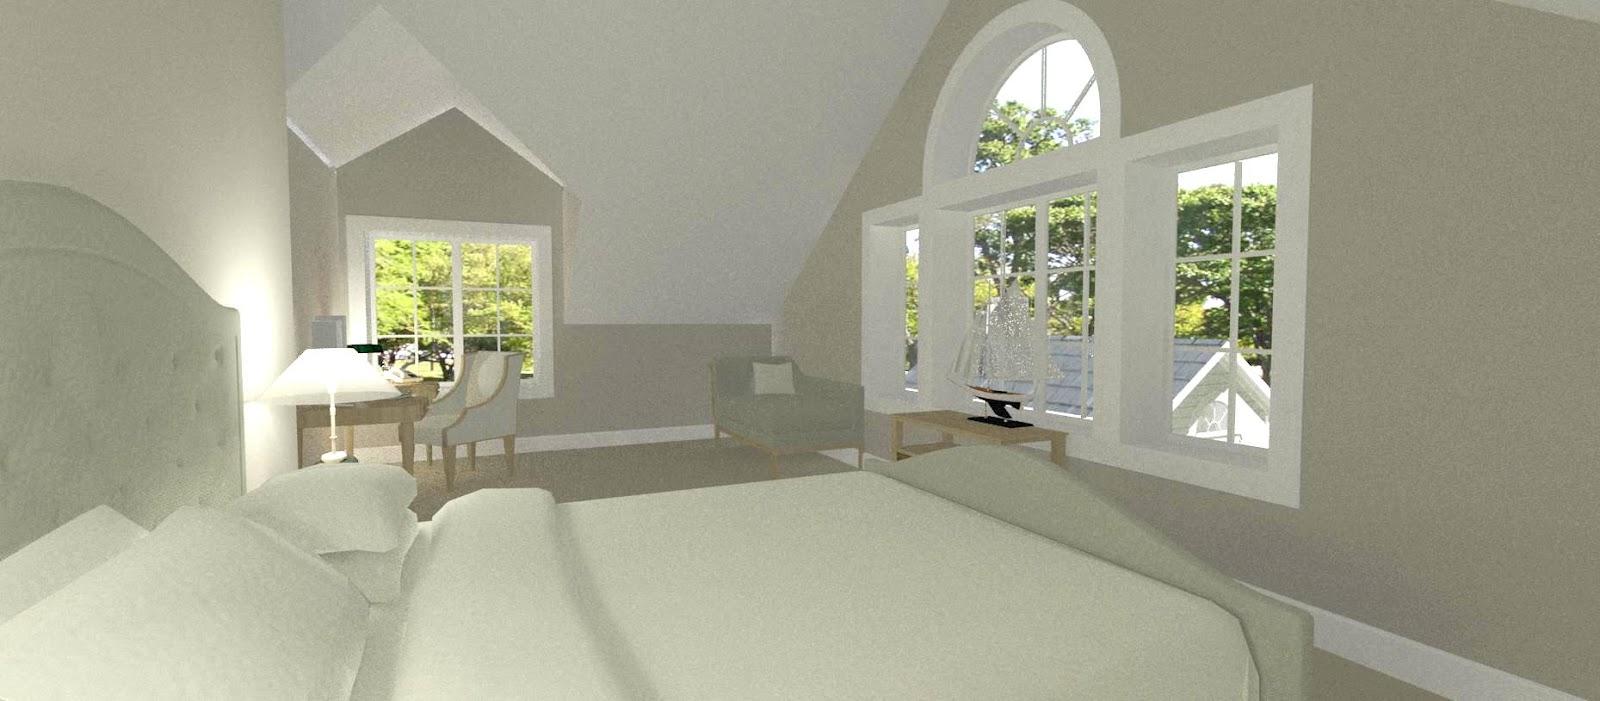 Den Vita Drömgården: Bygglovshandlingar klara för New England hus ...